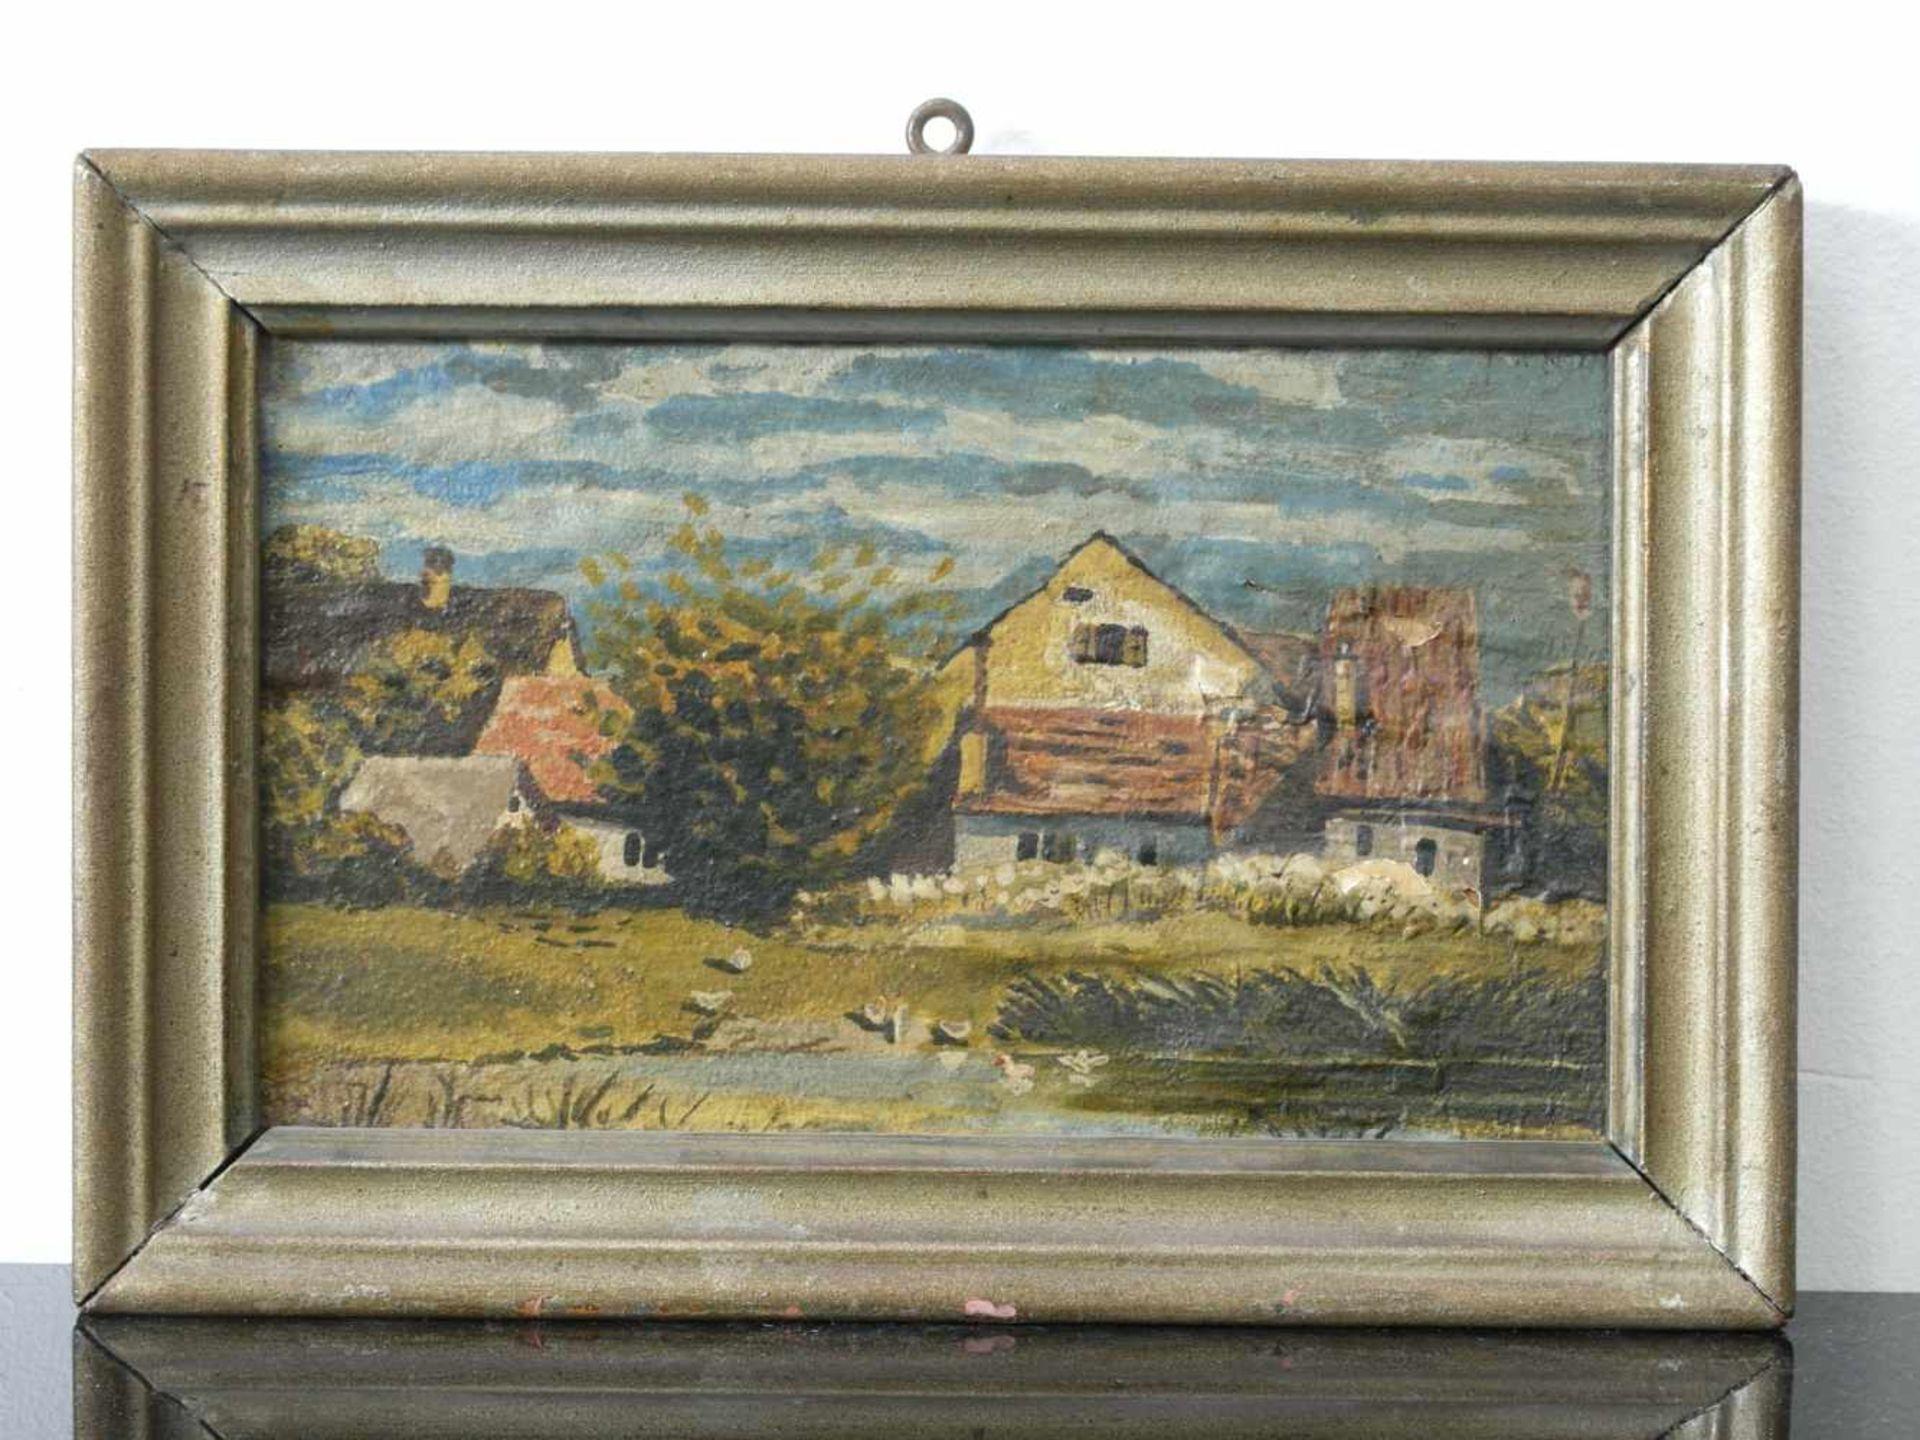 Kugler, Heinrich (1888 - ca. 1946) - Dorflandschaft Leinfarben 1898Bauerngehöft und weitere Häuser